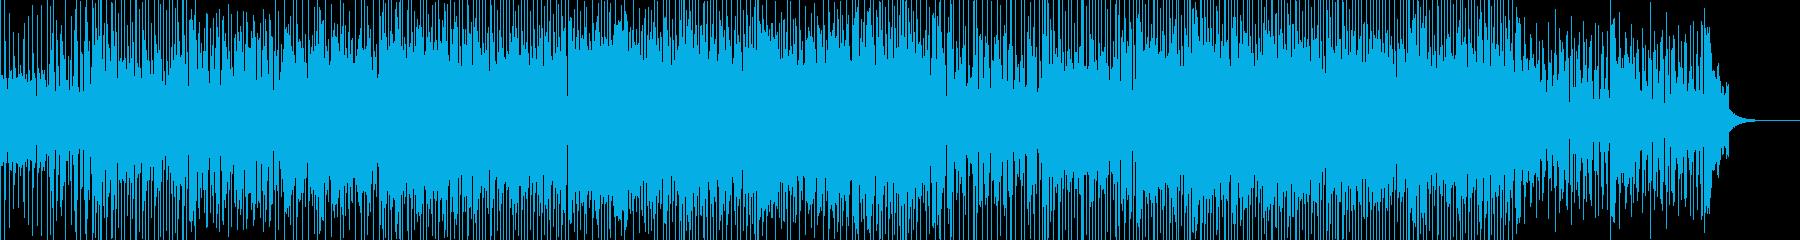 疾走感のあるカッコイイ曲の再生済みの波形